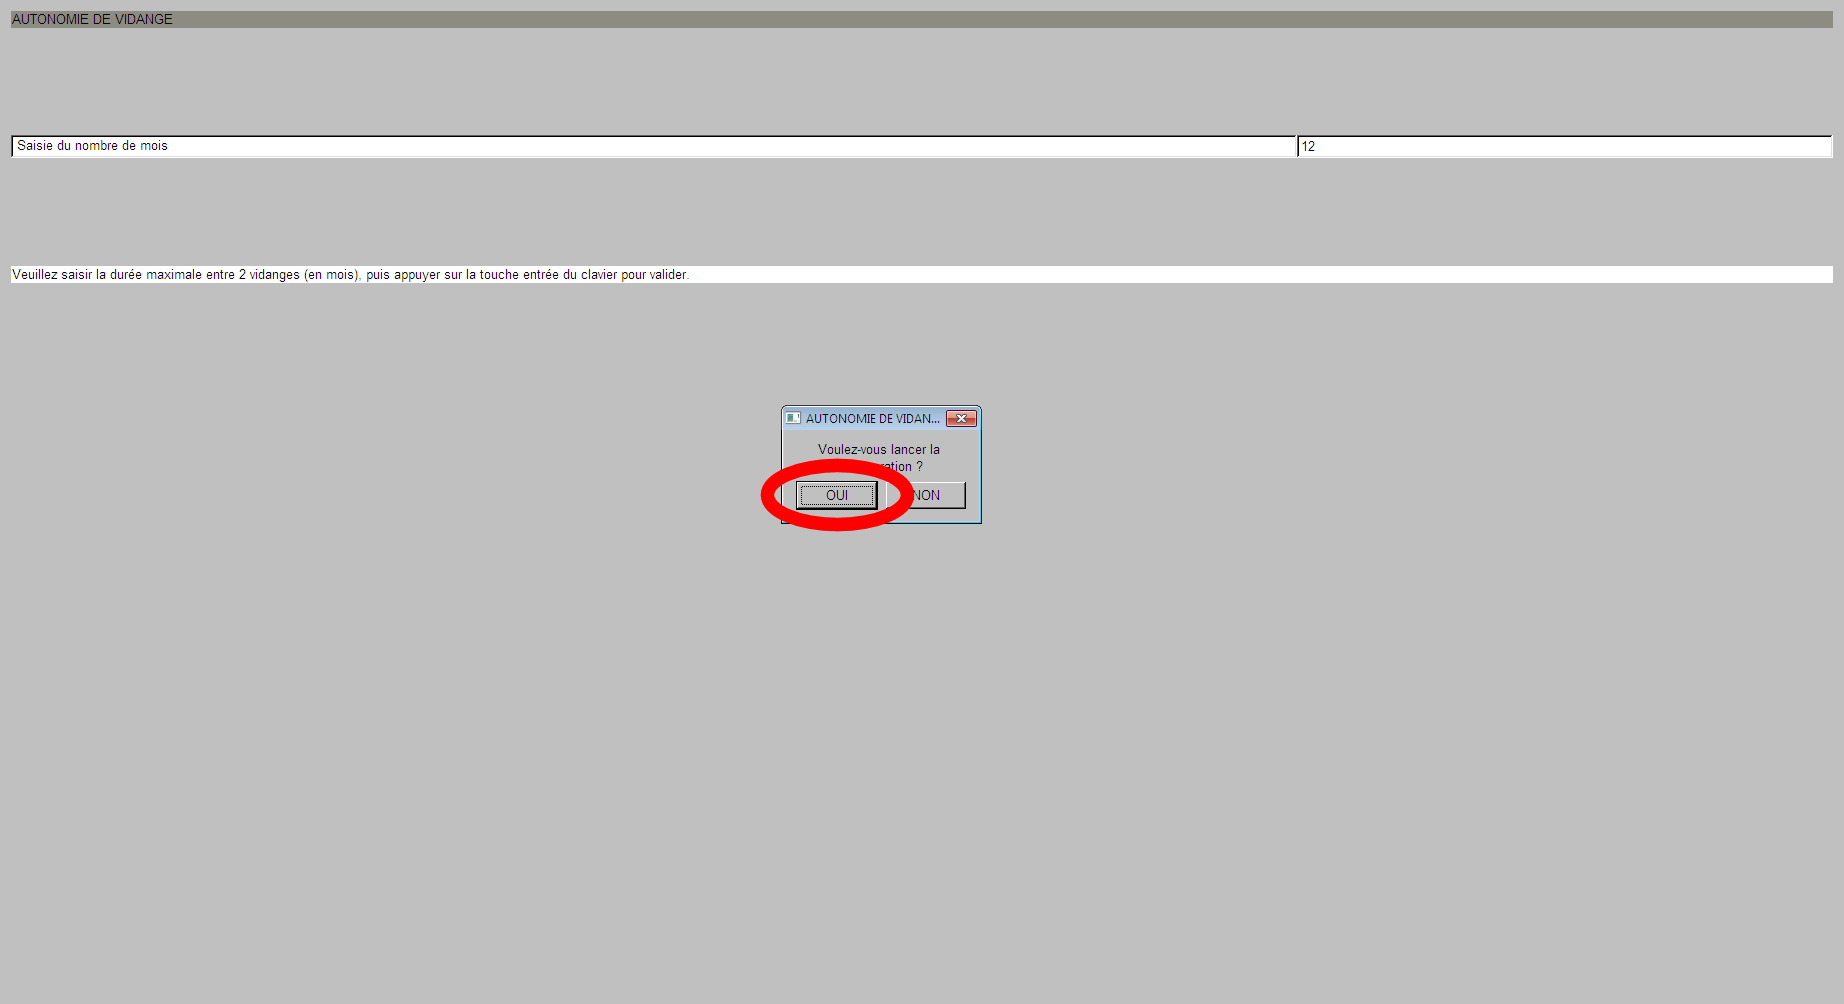 Modif sur intervalle de vidange Autonomie_Vidange-03